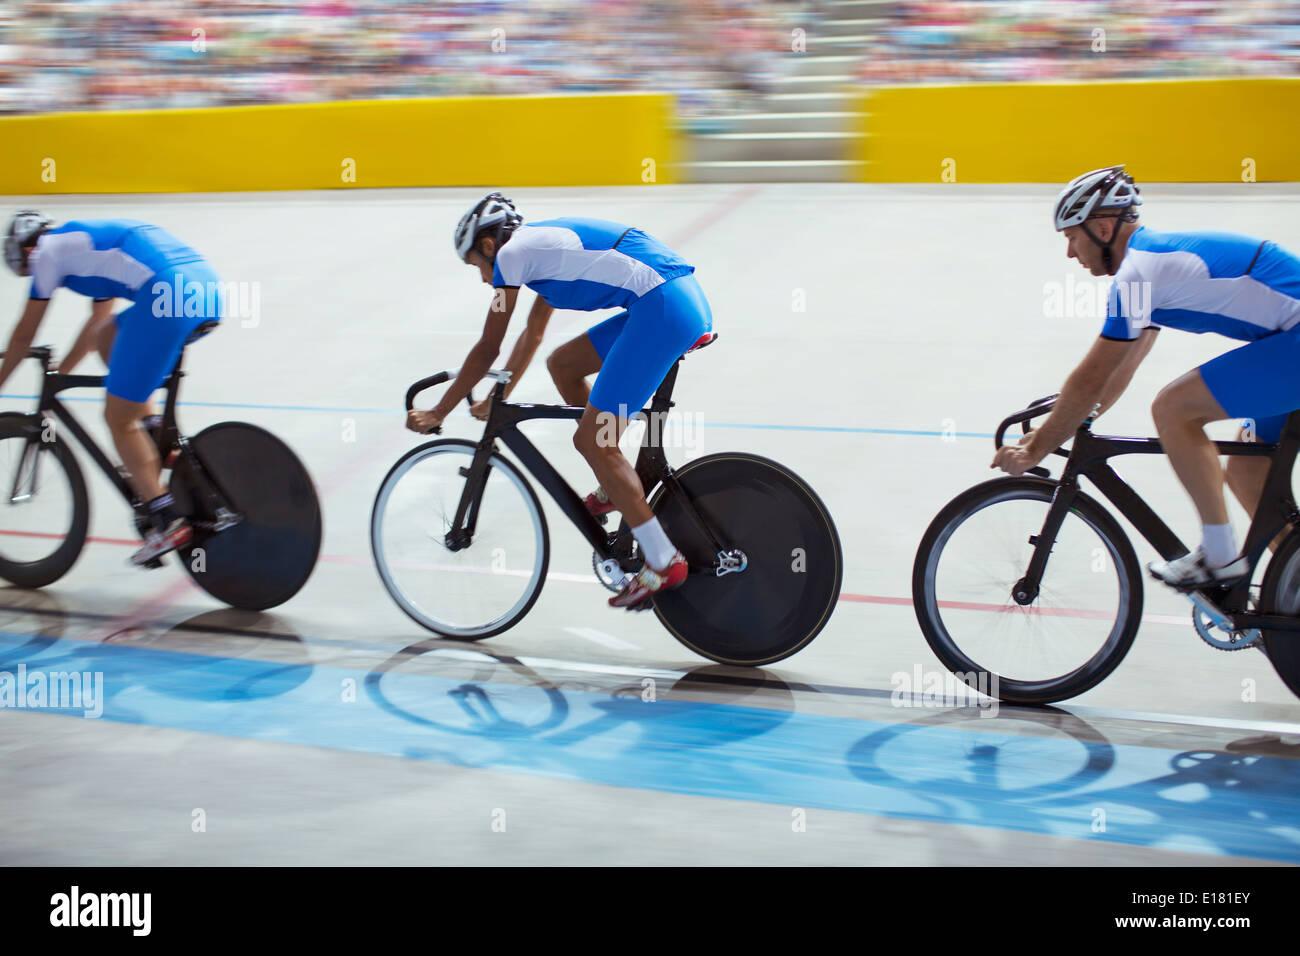 L'équipe de cyclisme sur piste vélodrome en équitation Photo Stock